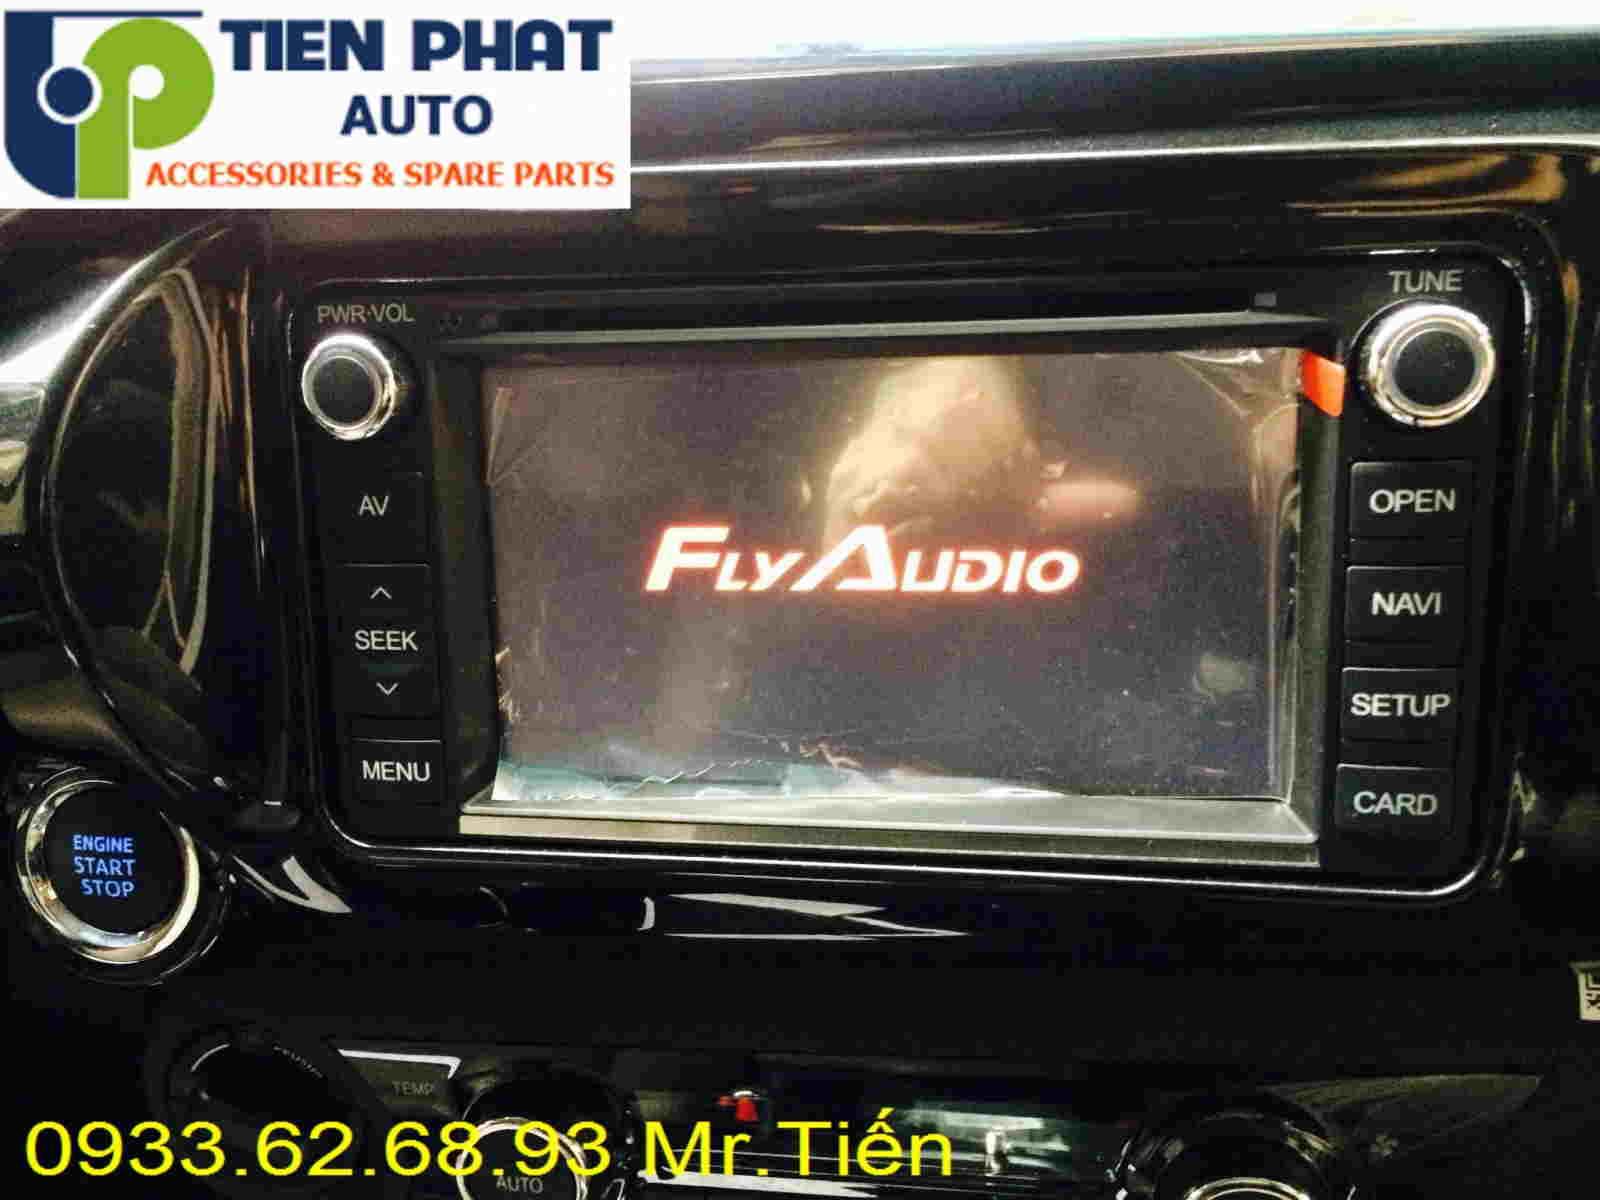 Màn Hình DVD Cao Cấp Cho Toyota Hilux 2008-2009 Tại Tp.Hcm Uy Tín Nhanh